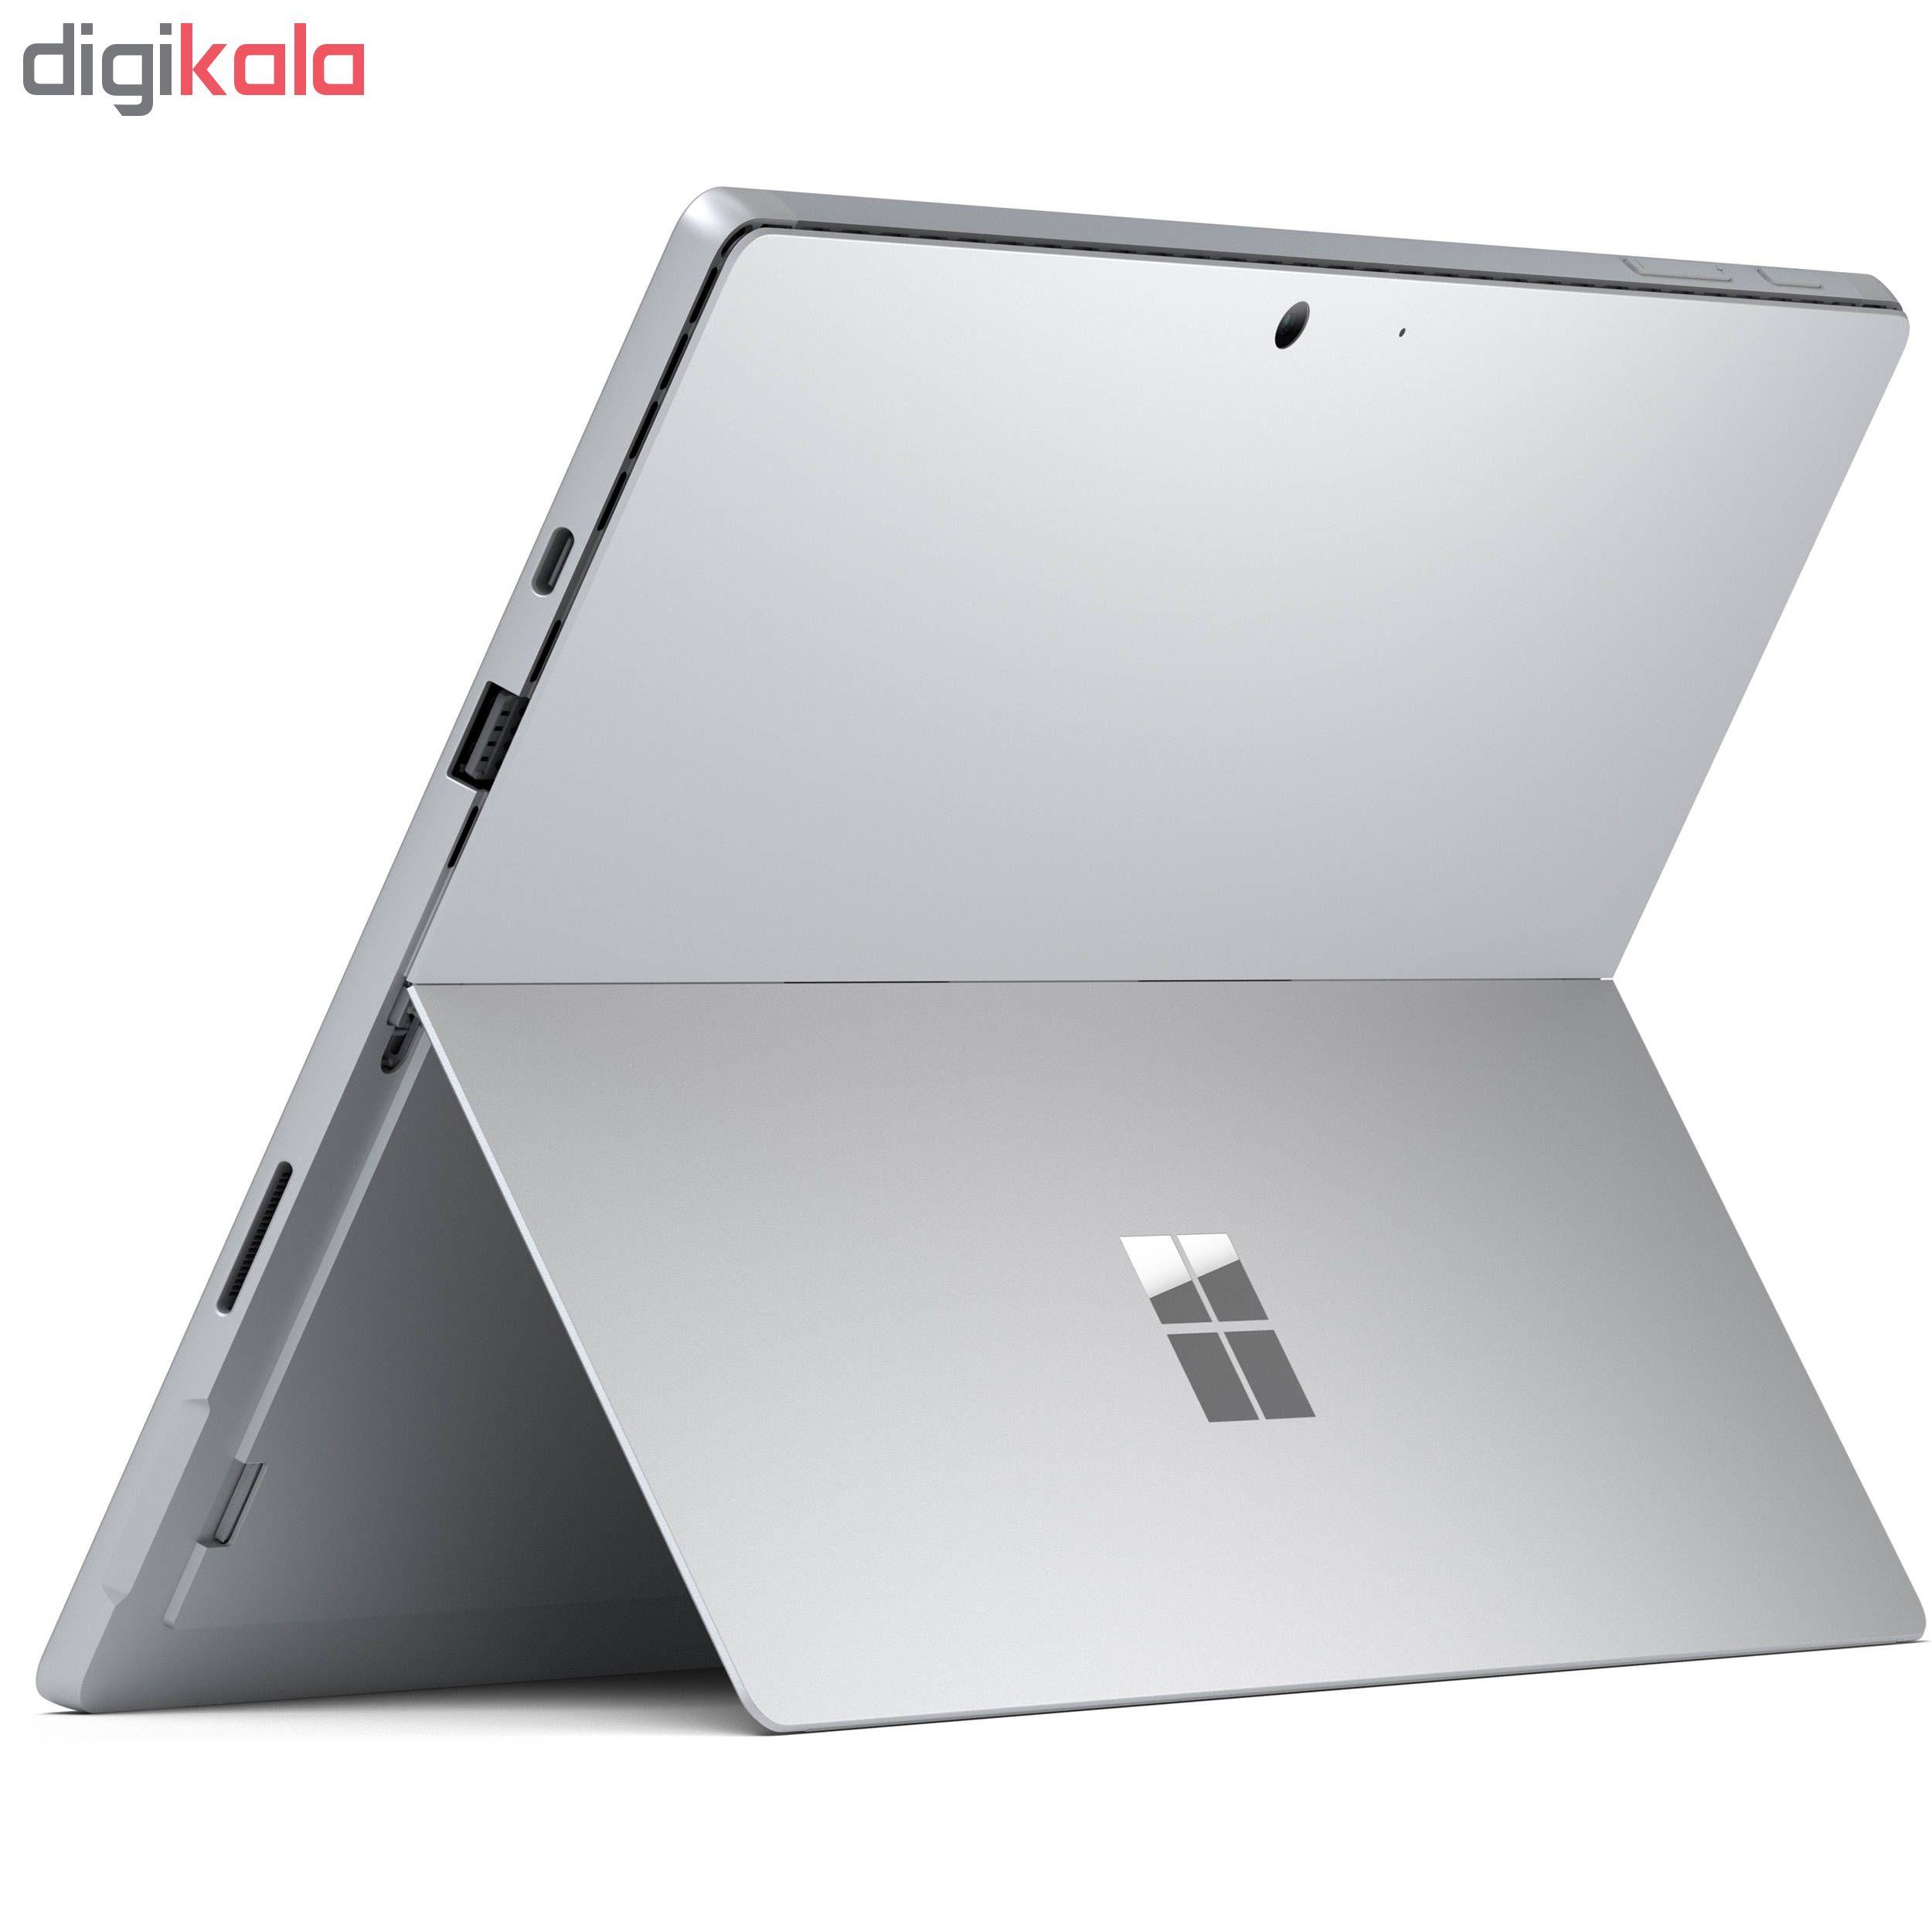 تبلت مایکروسافت مدل Surface Pro 7 - C ظرفیت 256 گیگابایت main 1 2